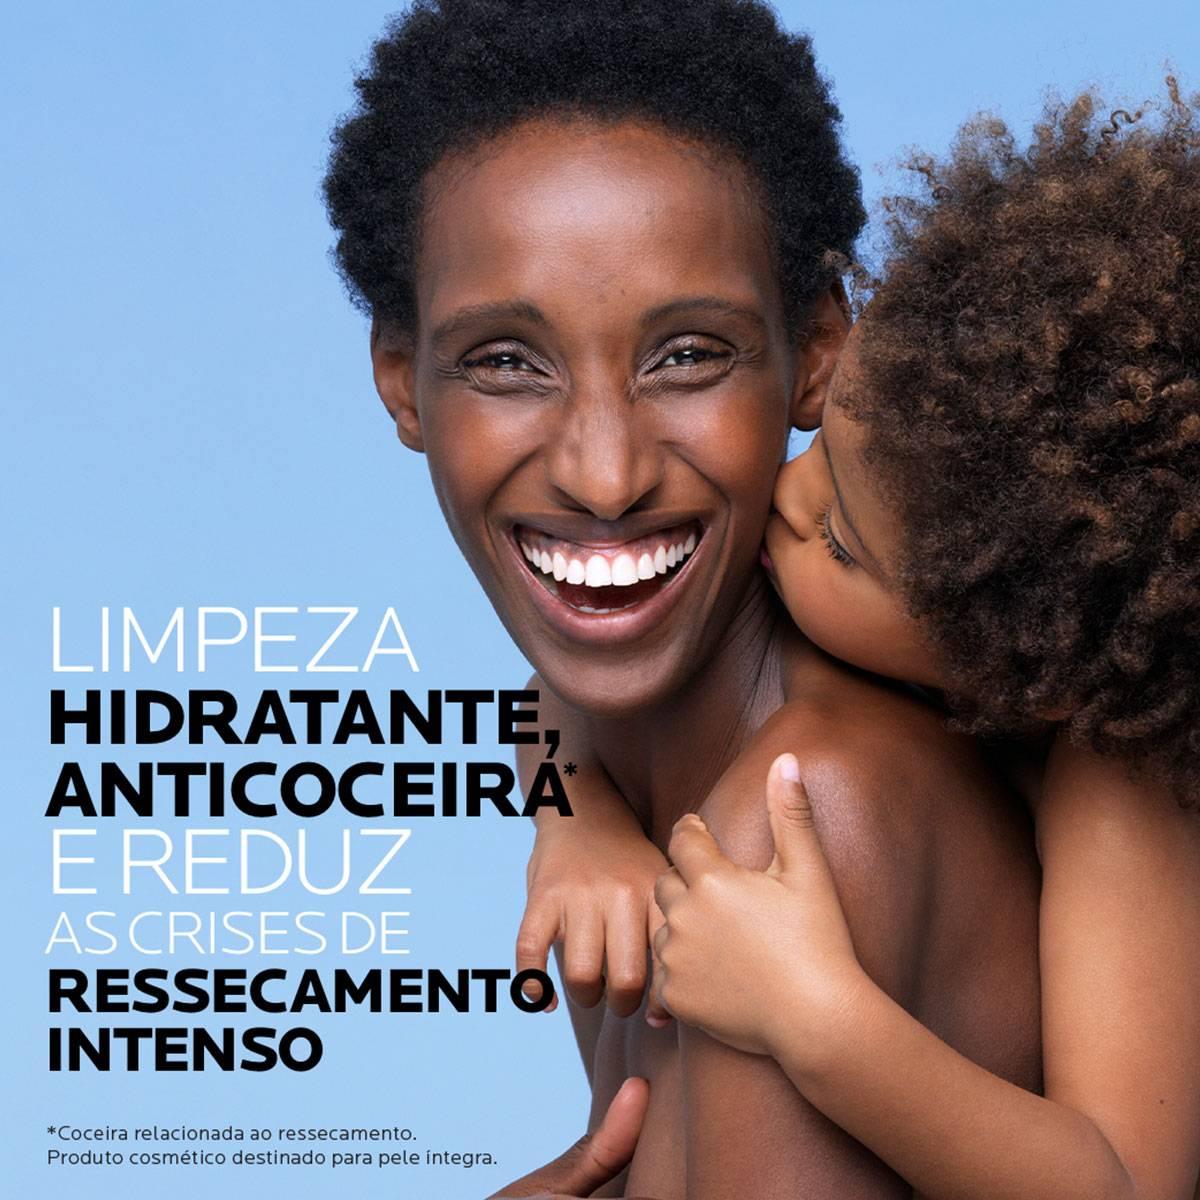 Modelo com criança nas costas do novo Lipikar Cleasing Oil AP+ 400ml | La Roche-Posay